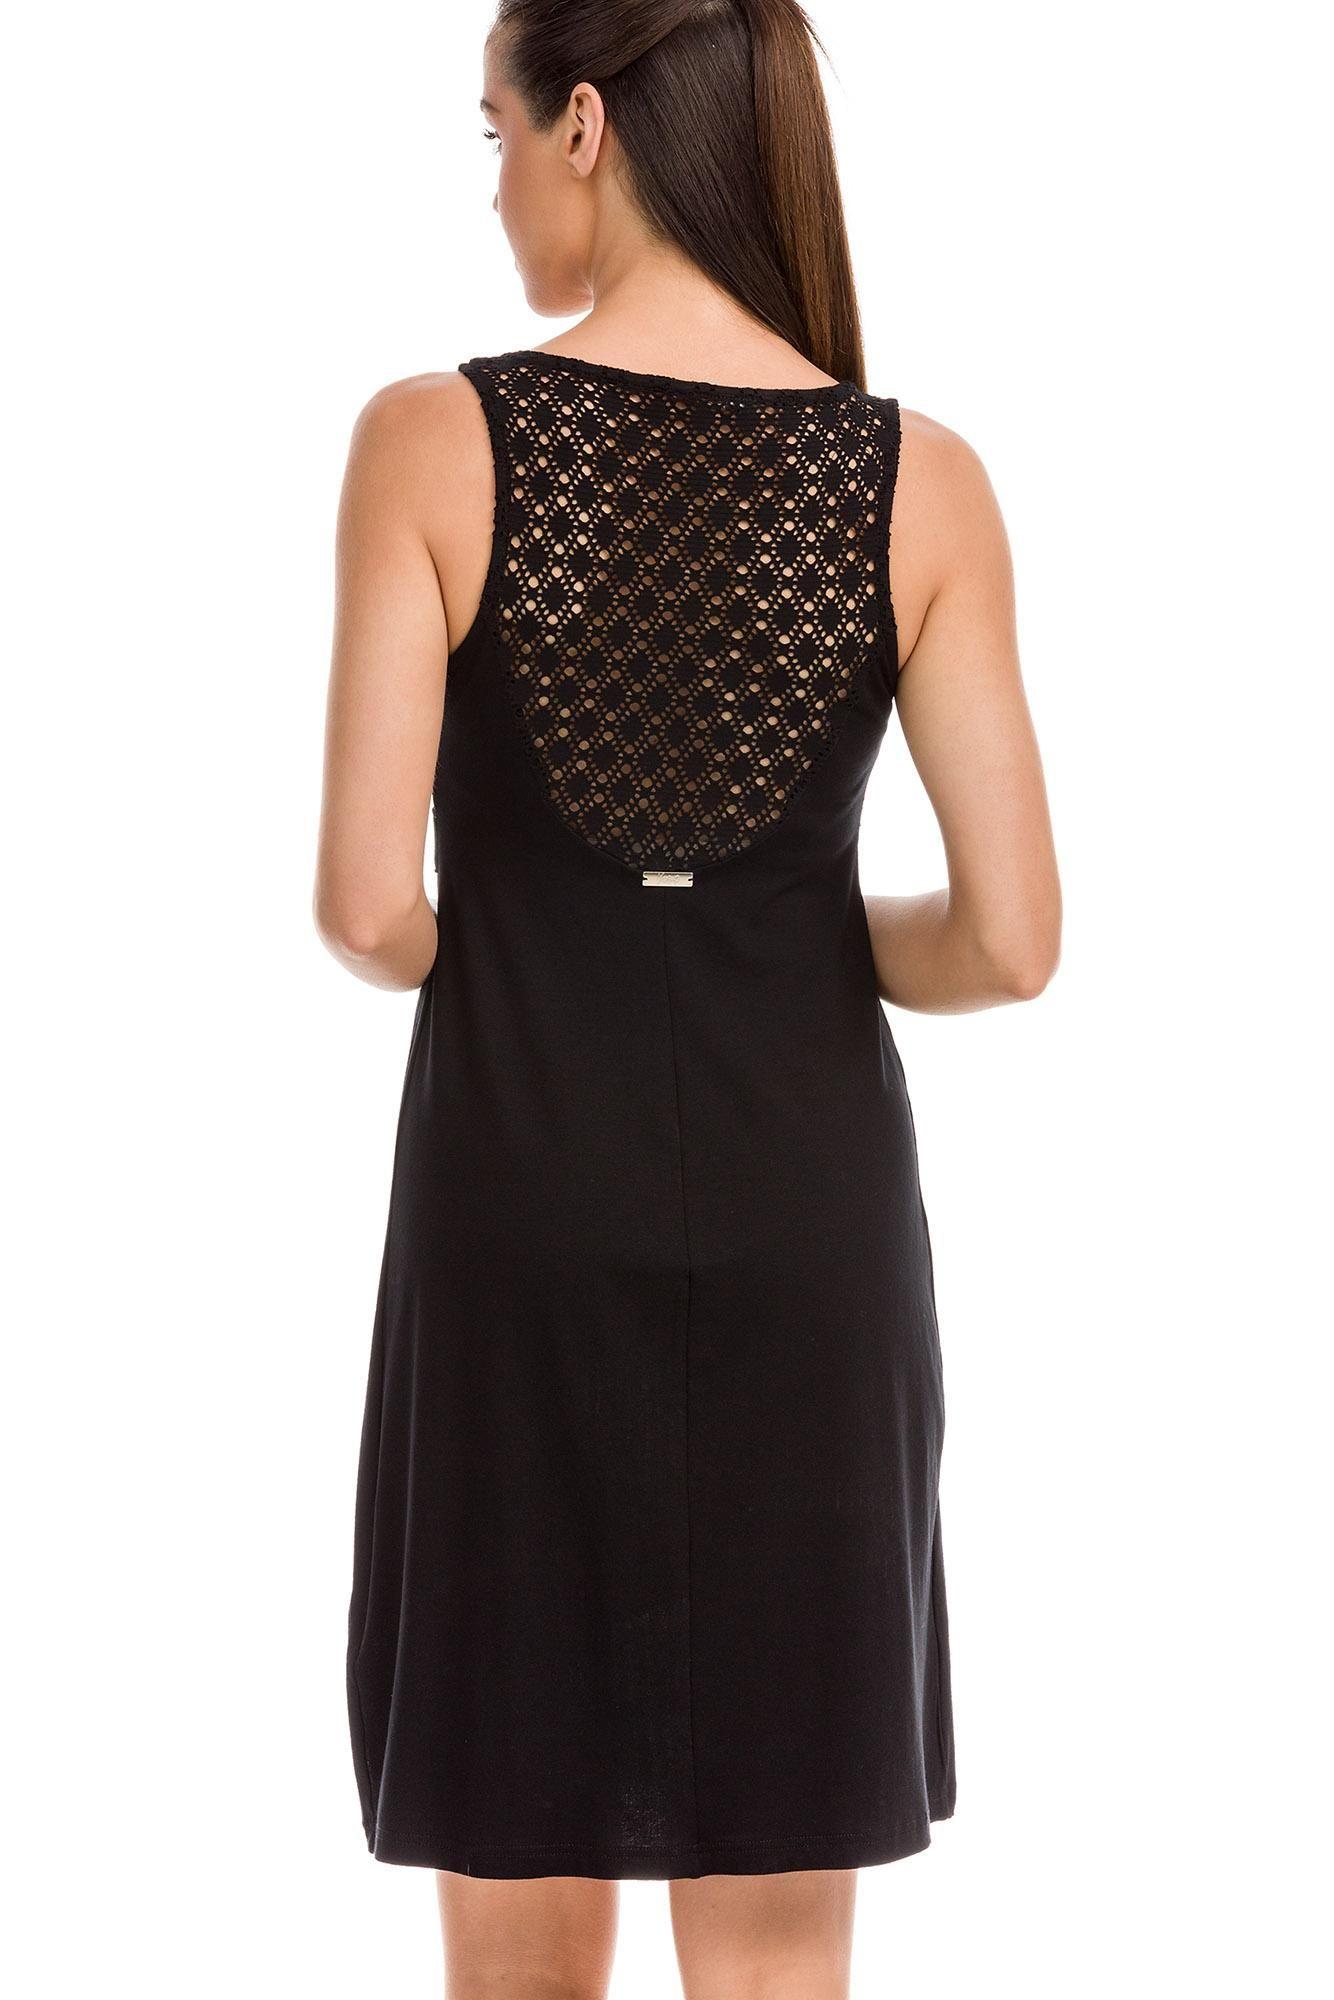 Φόρεμα με Ζώνη και Ζακάρ